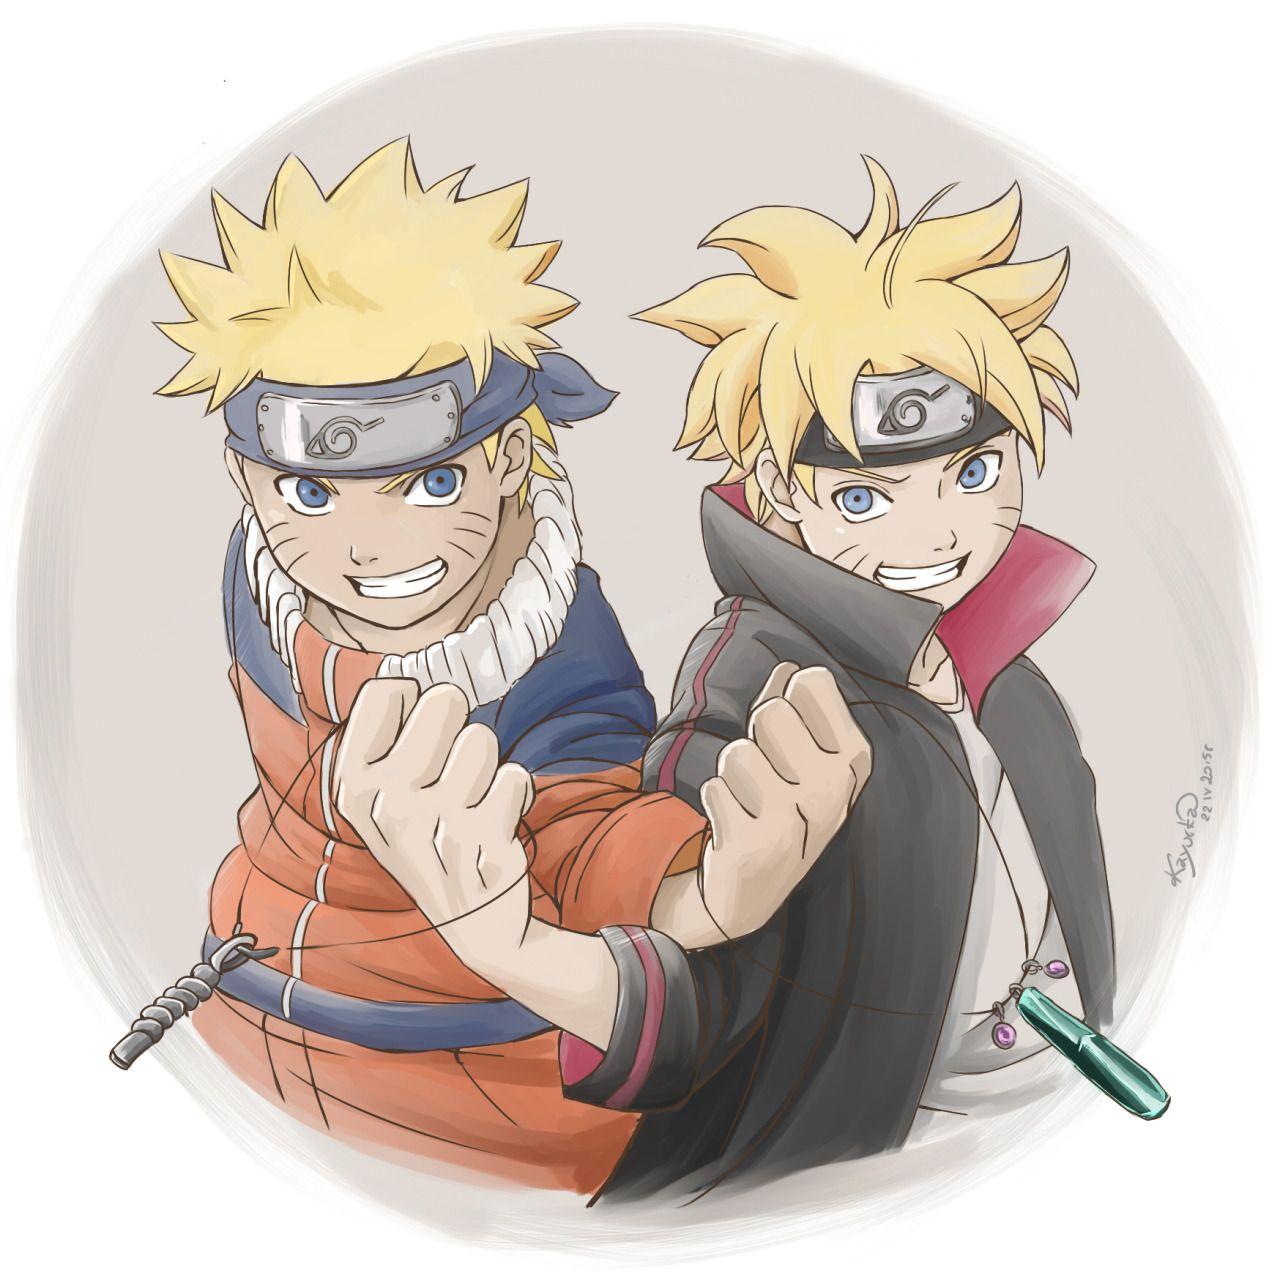 Boruto Naruto: Naruto And Boruto, Like Father Like Son